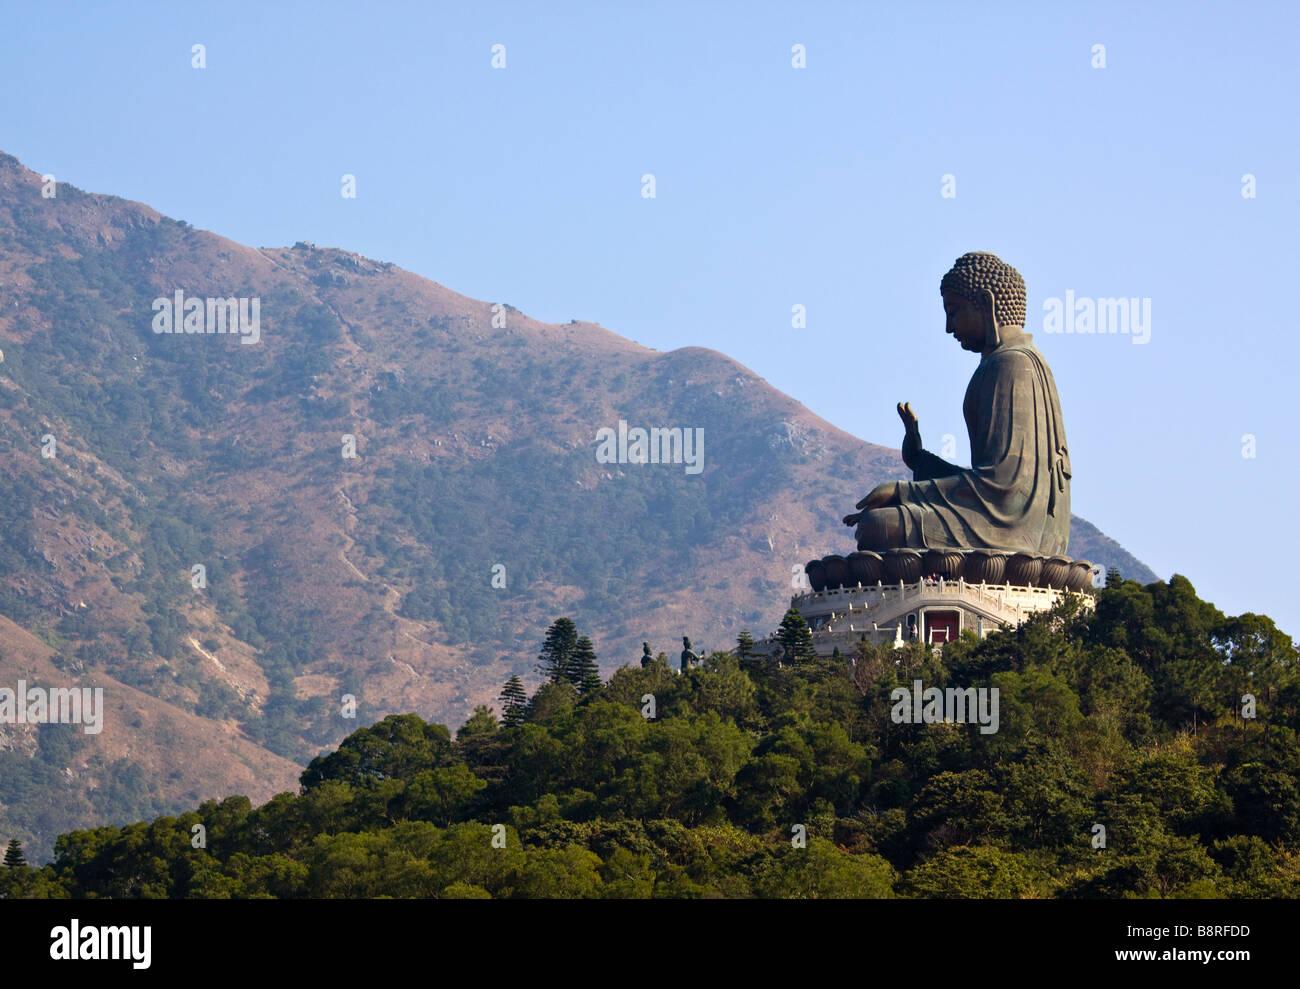 Big Buddha at Ngong Ping Lantau Island Hong Kong - Stock Image